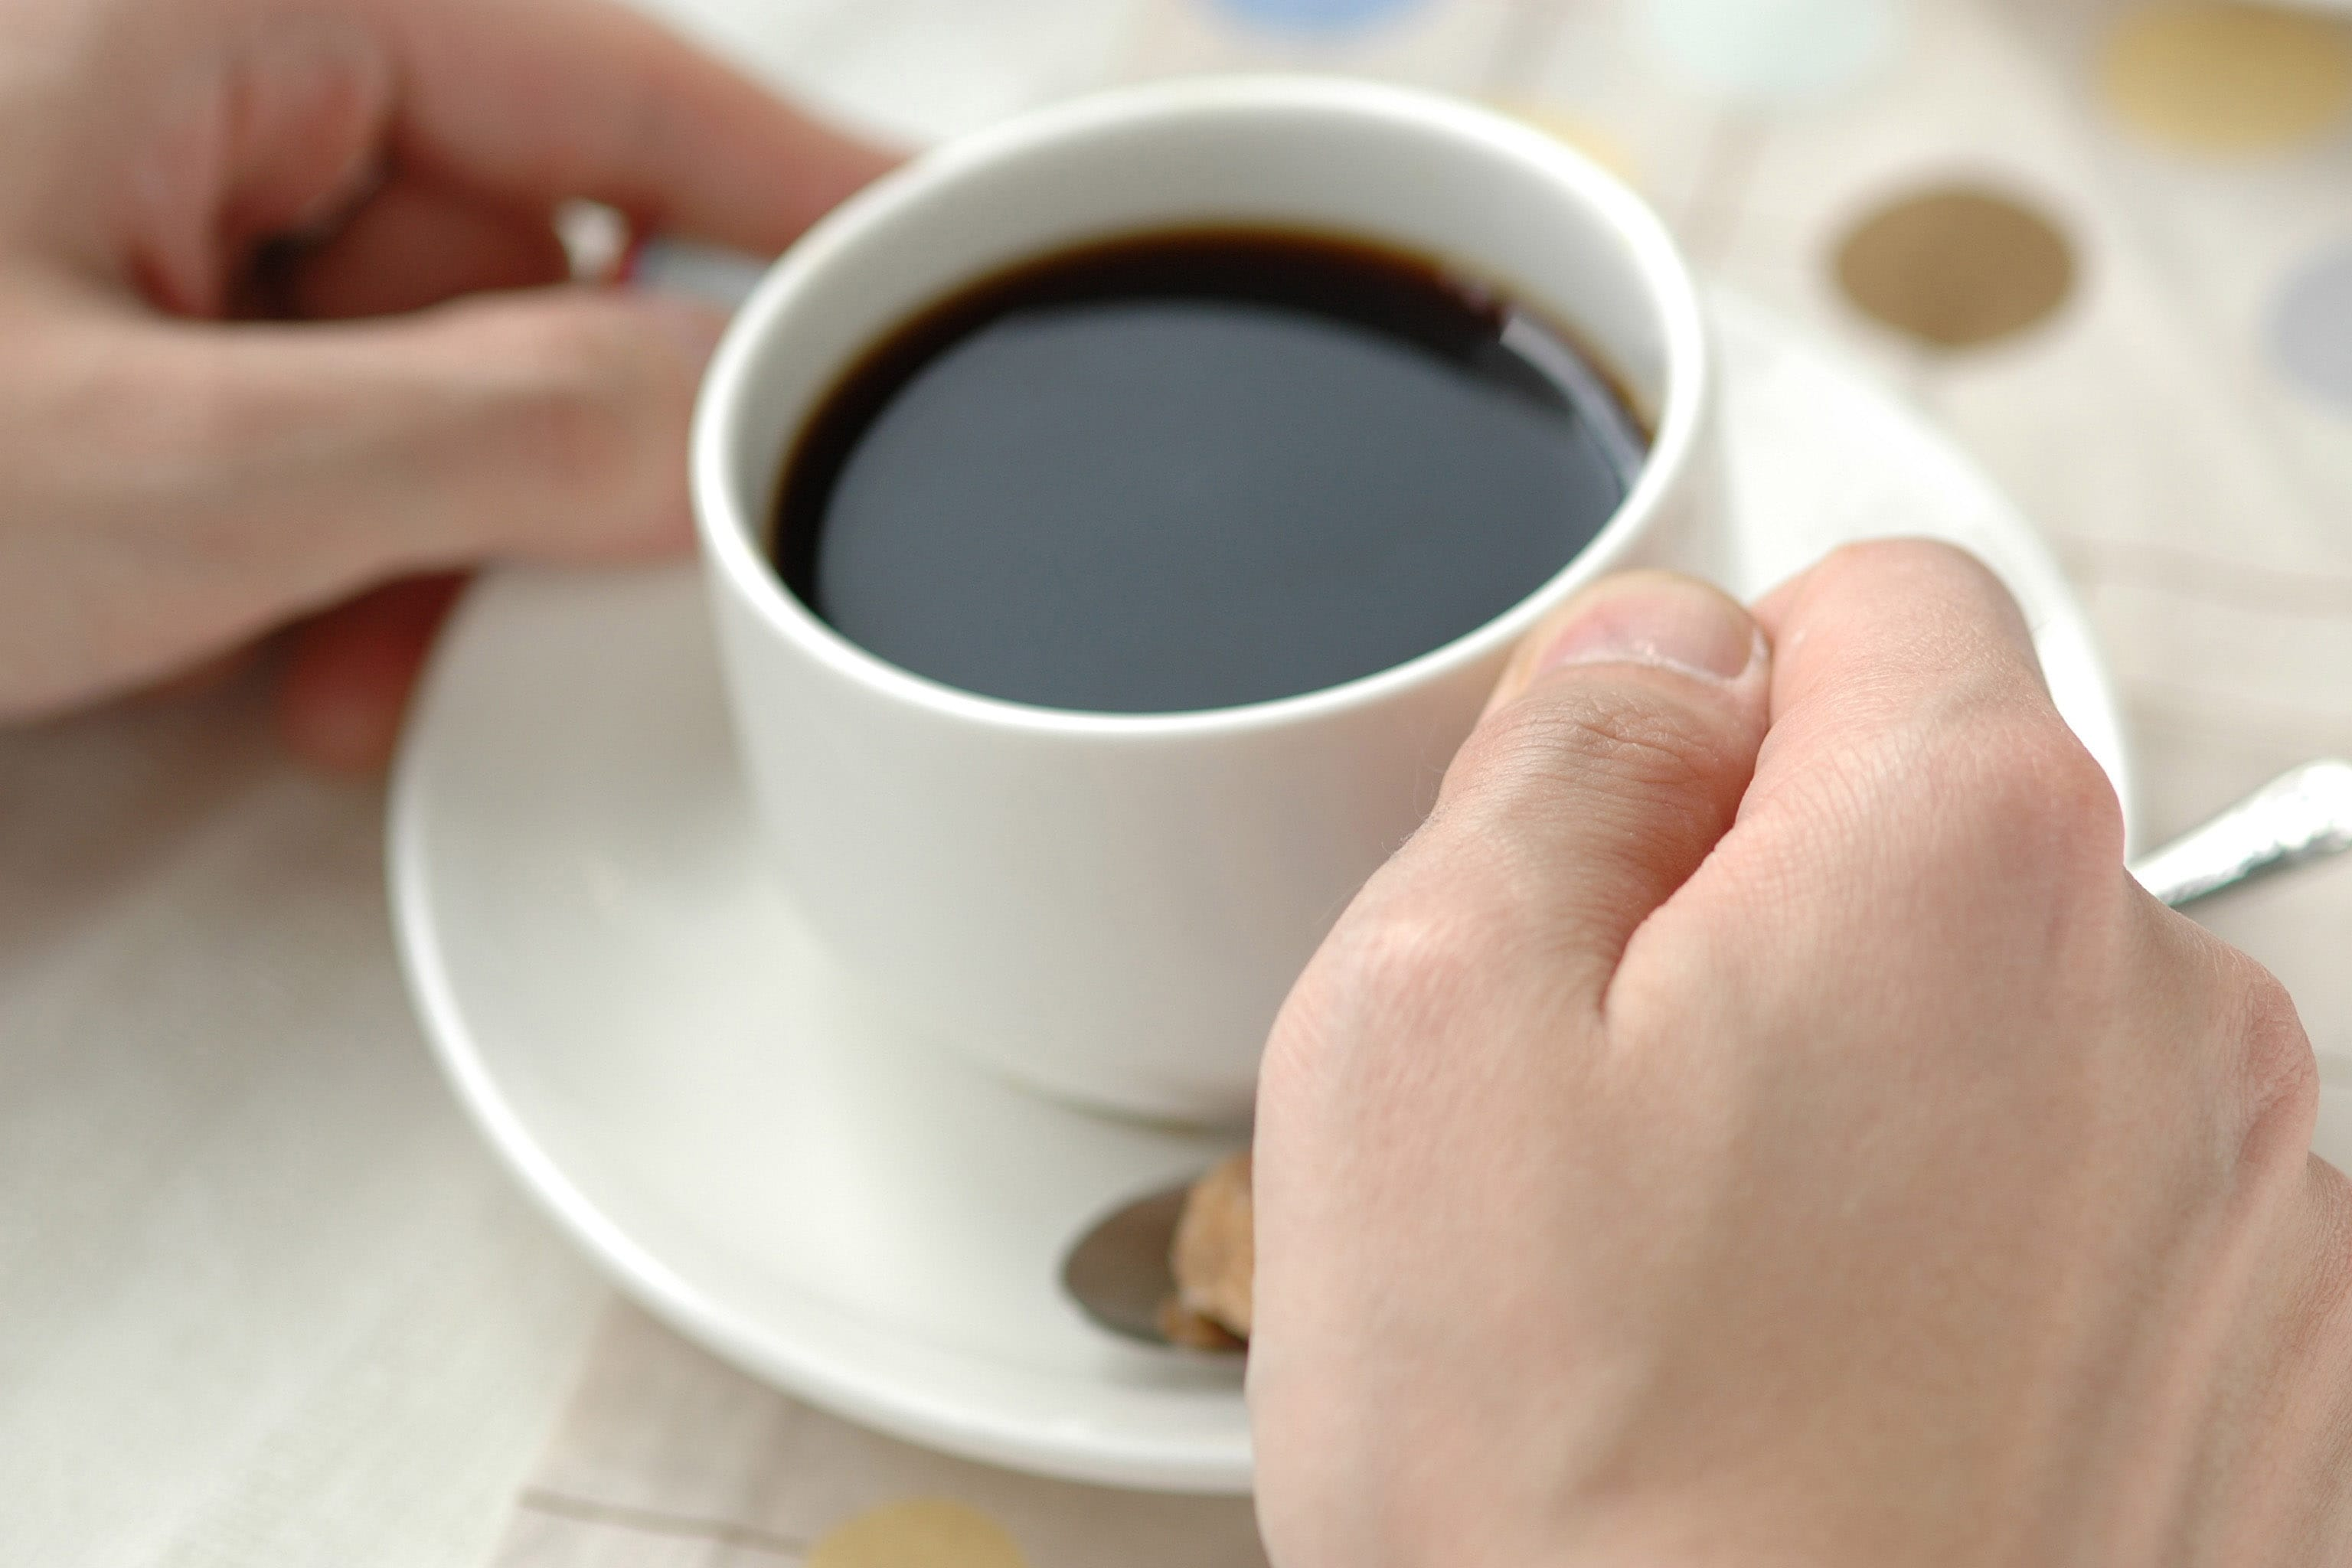 コーヒーはアレルギー体質に有効?